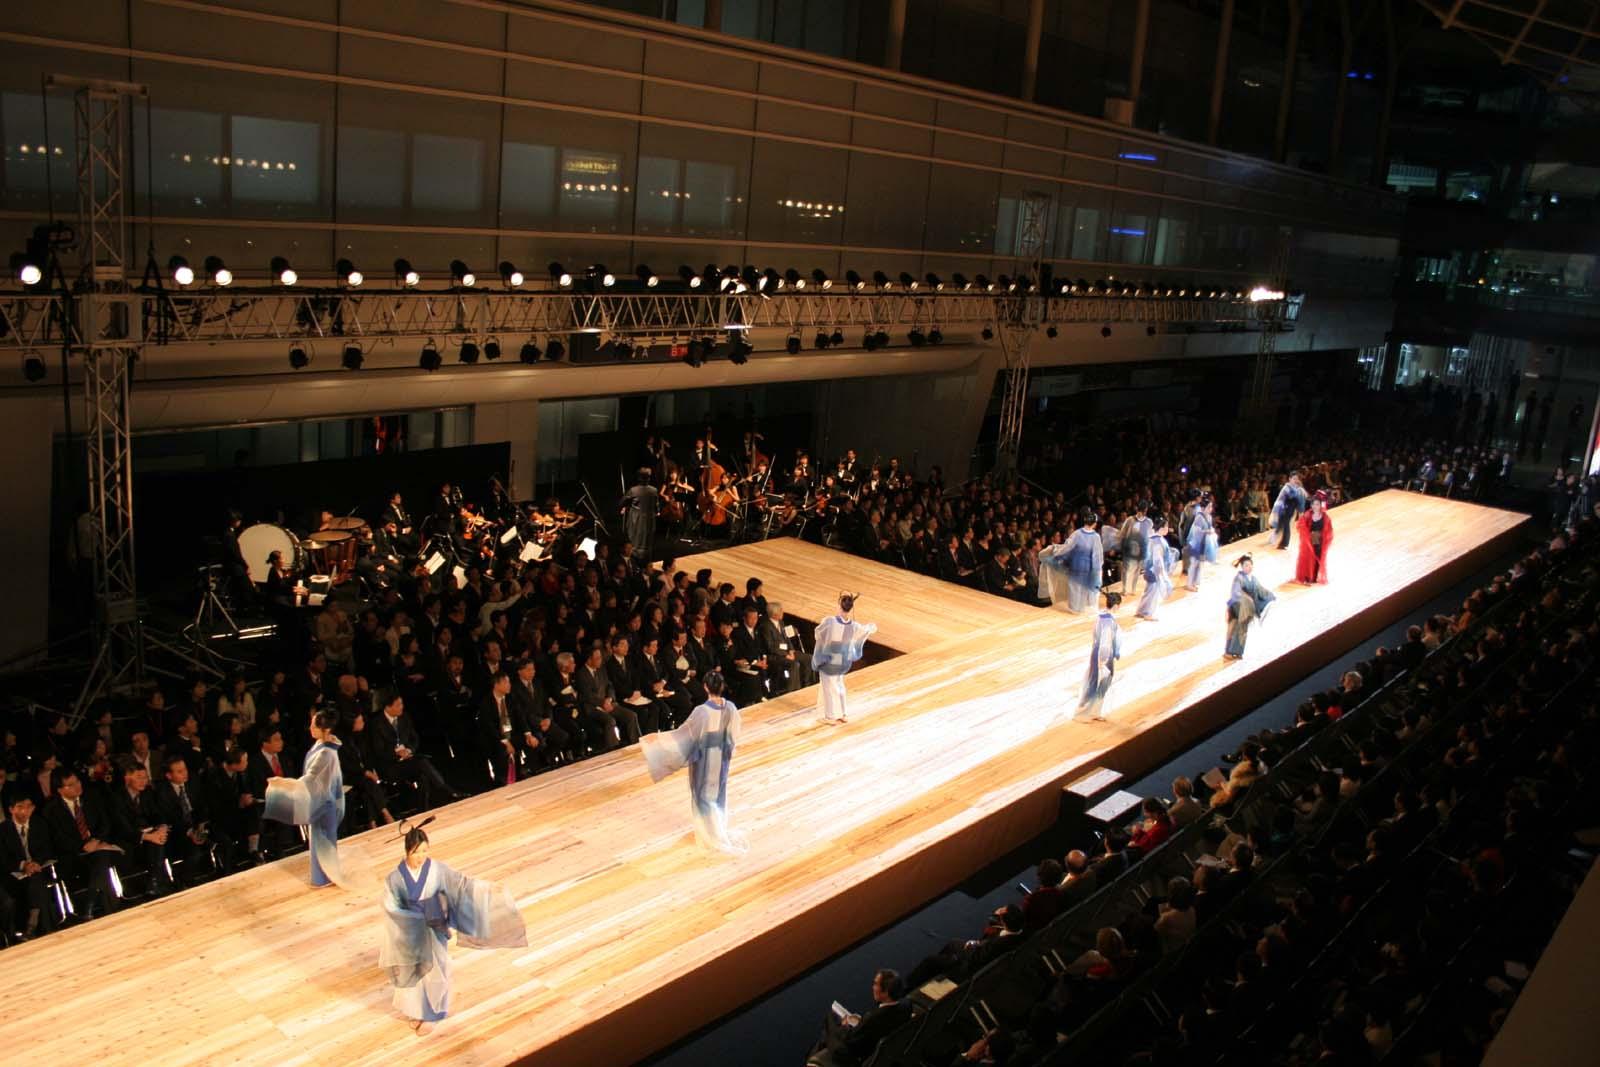 羽田空港第2旅客ターミナルオープンニングイベント